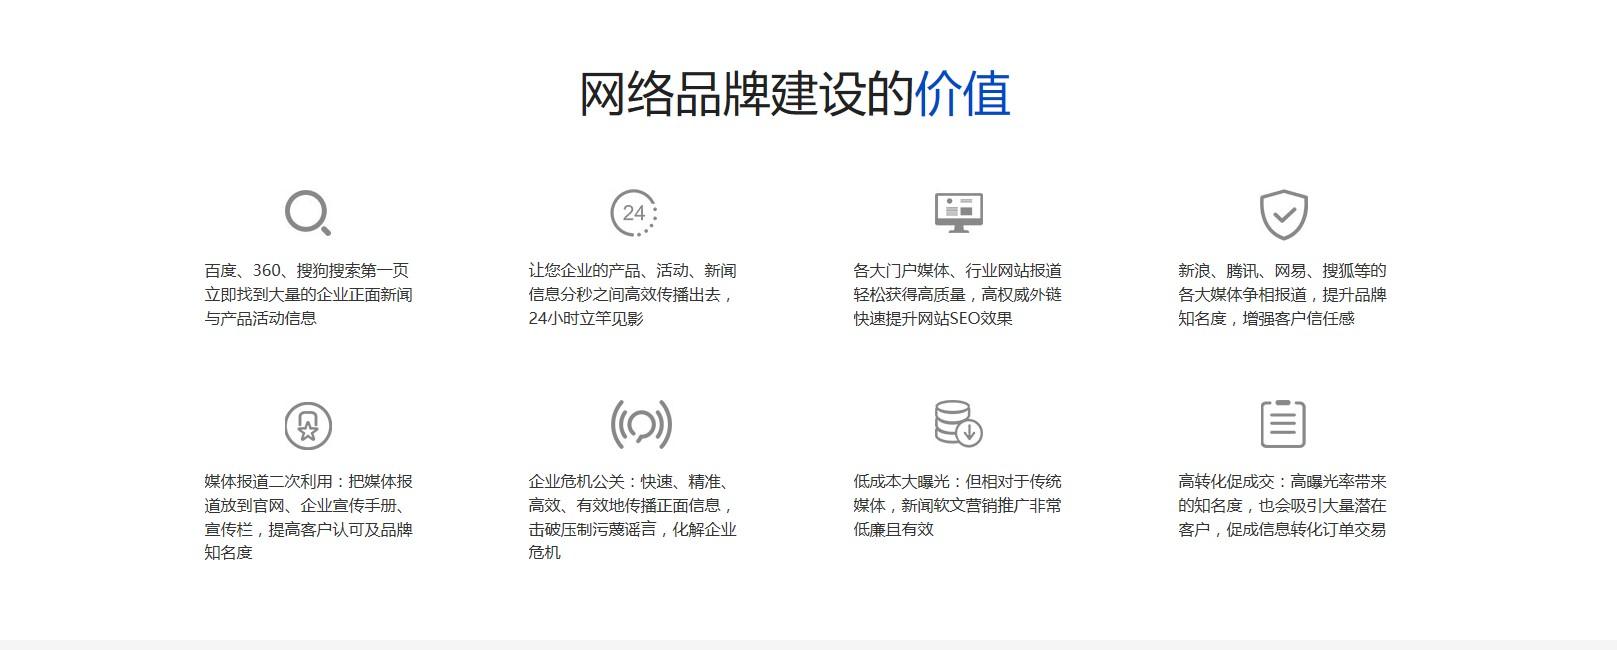 贵州网站建设平台,贵州网站制作公司(图4)